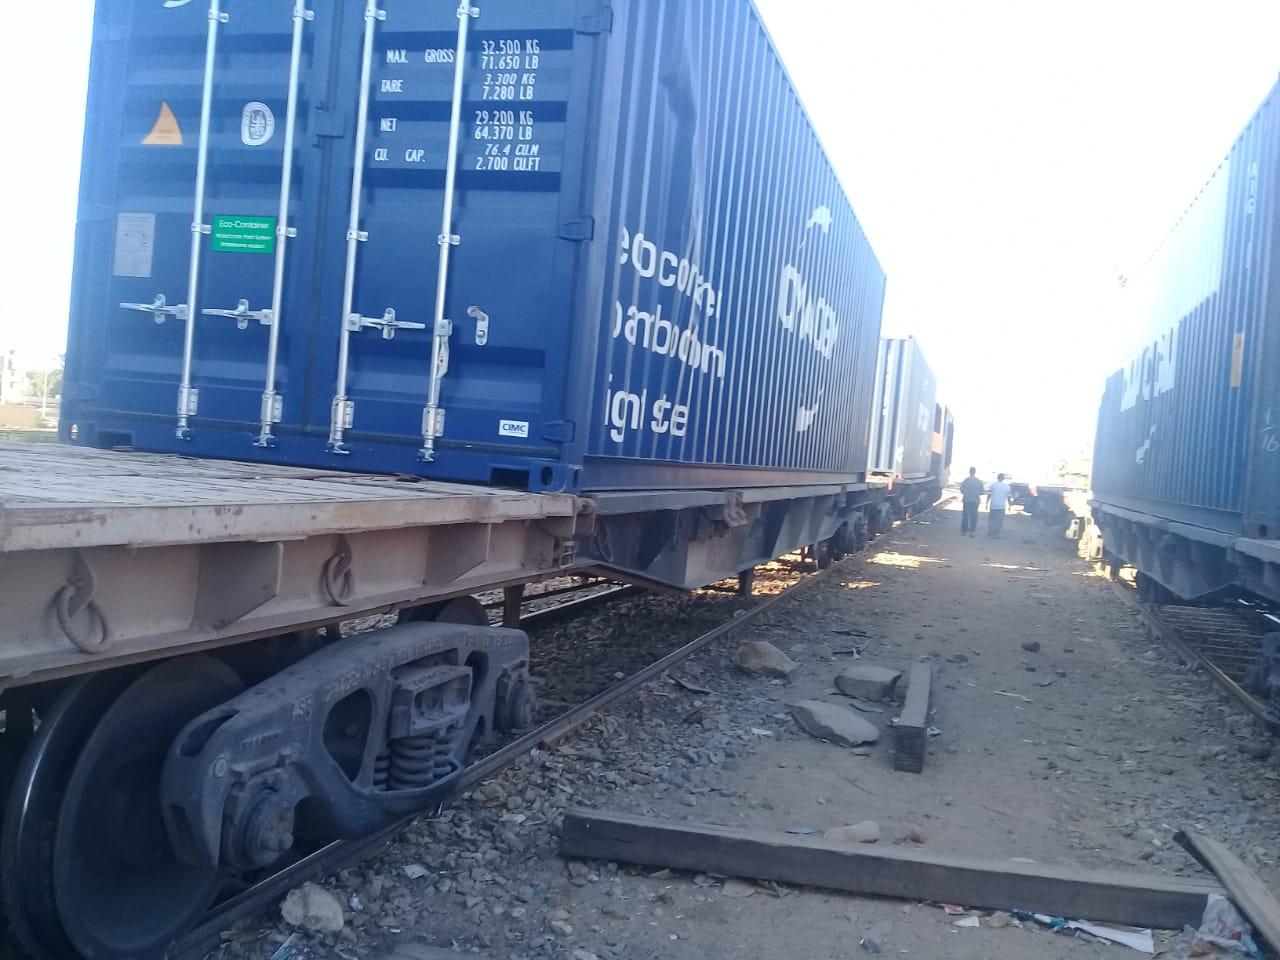 السكة الحديد : بدء تسيير رحلات لنقل البضائع من ميناء الدخيلة إلى السد العالي